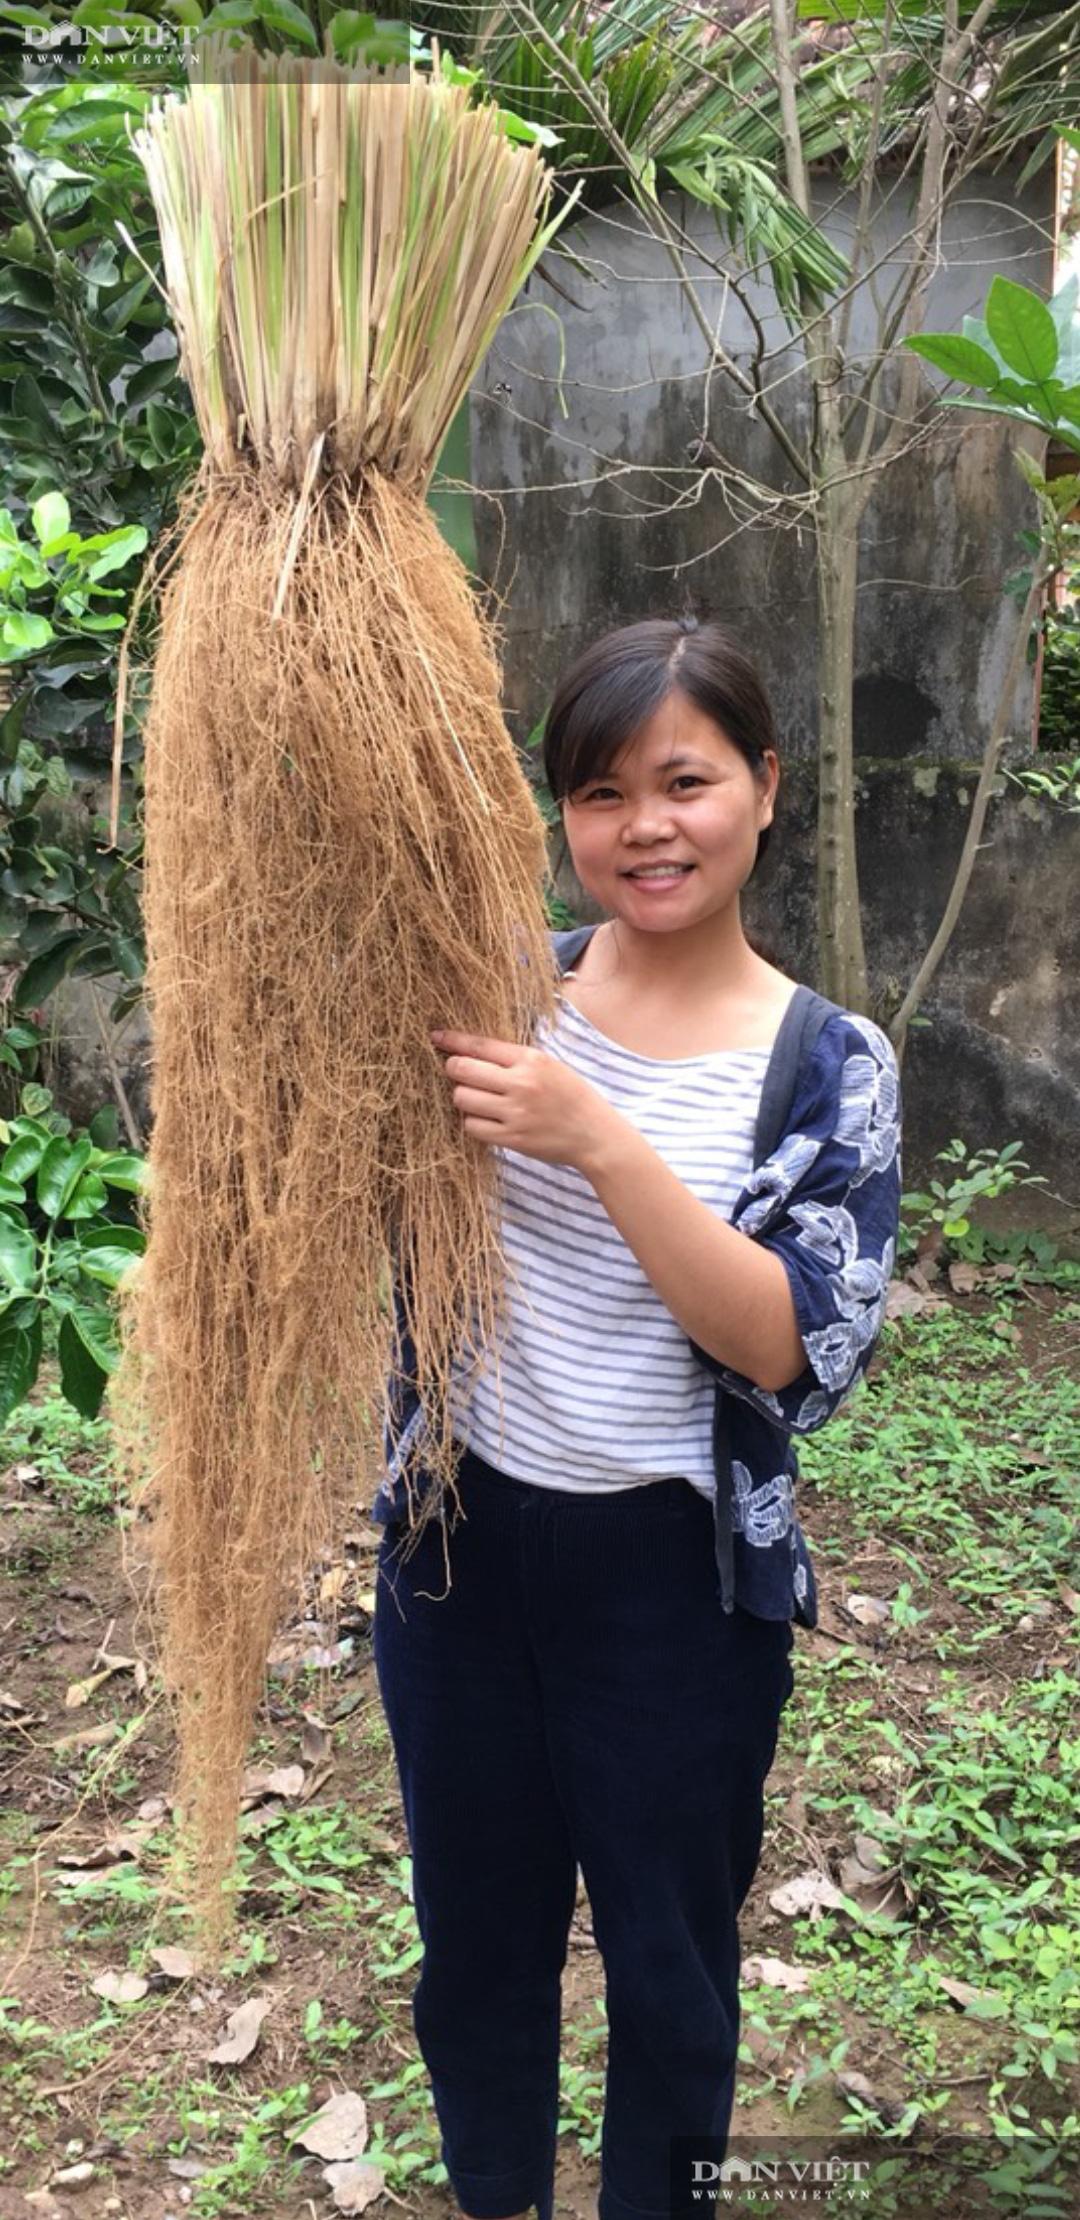 Ninh Bình: Bỏ việc lương cao về quê trồng loại cỏ lạ, cô gái 9x có thu nhập khủng - Ảnh 2.